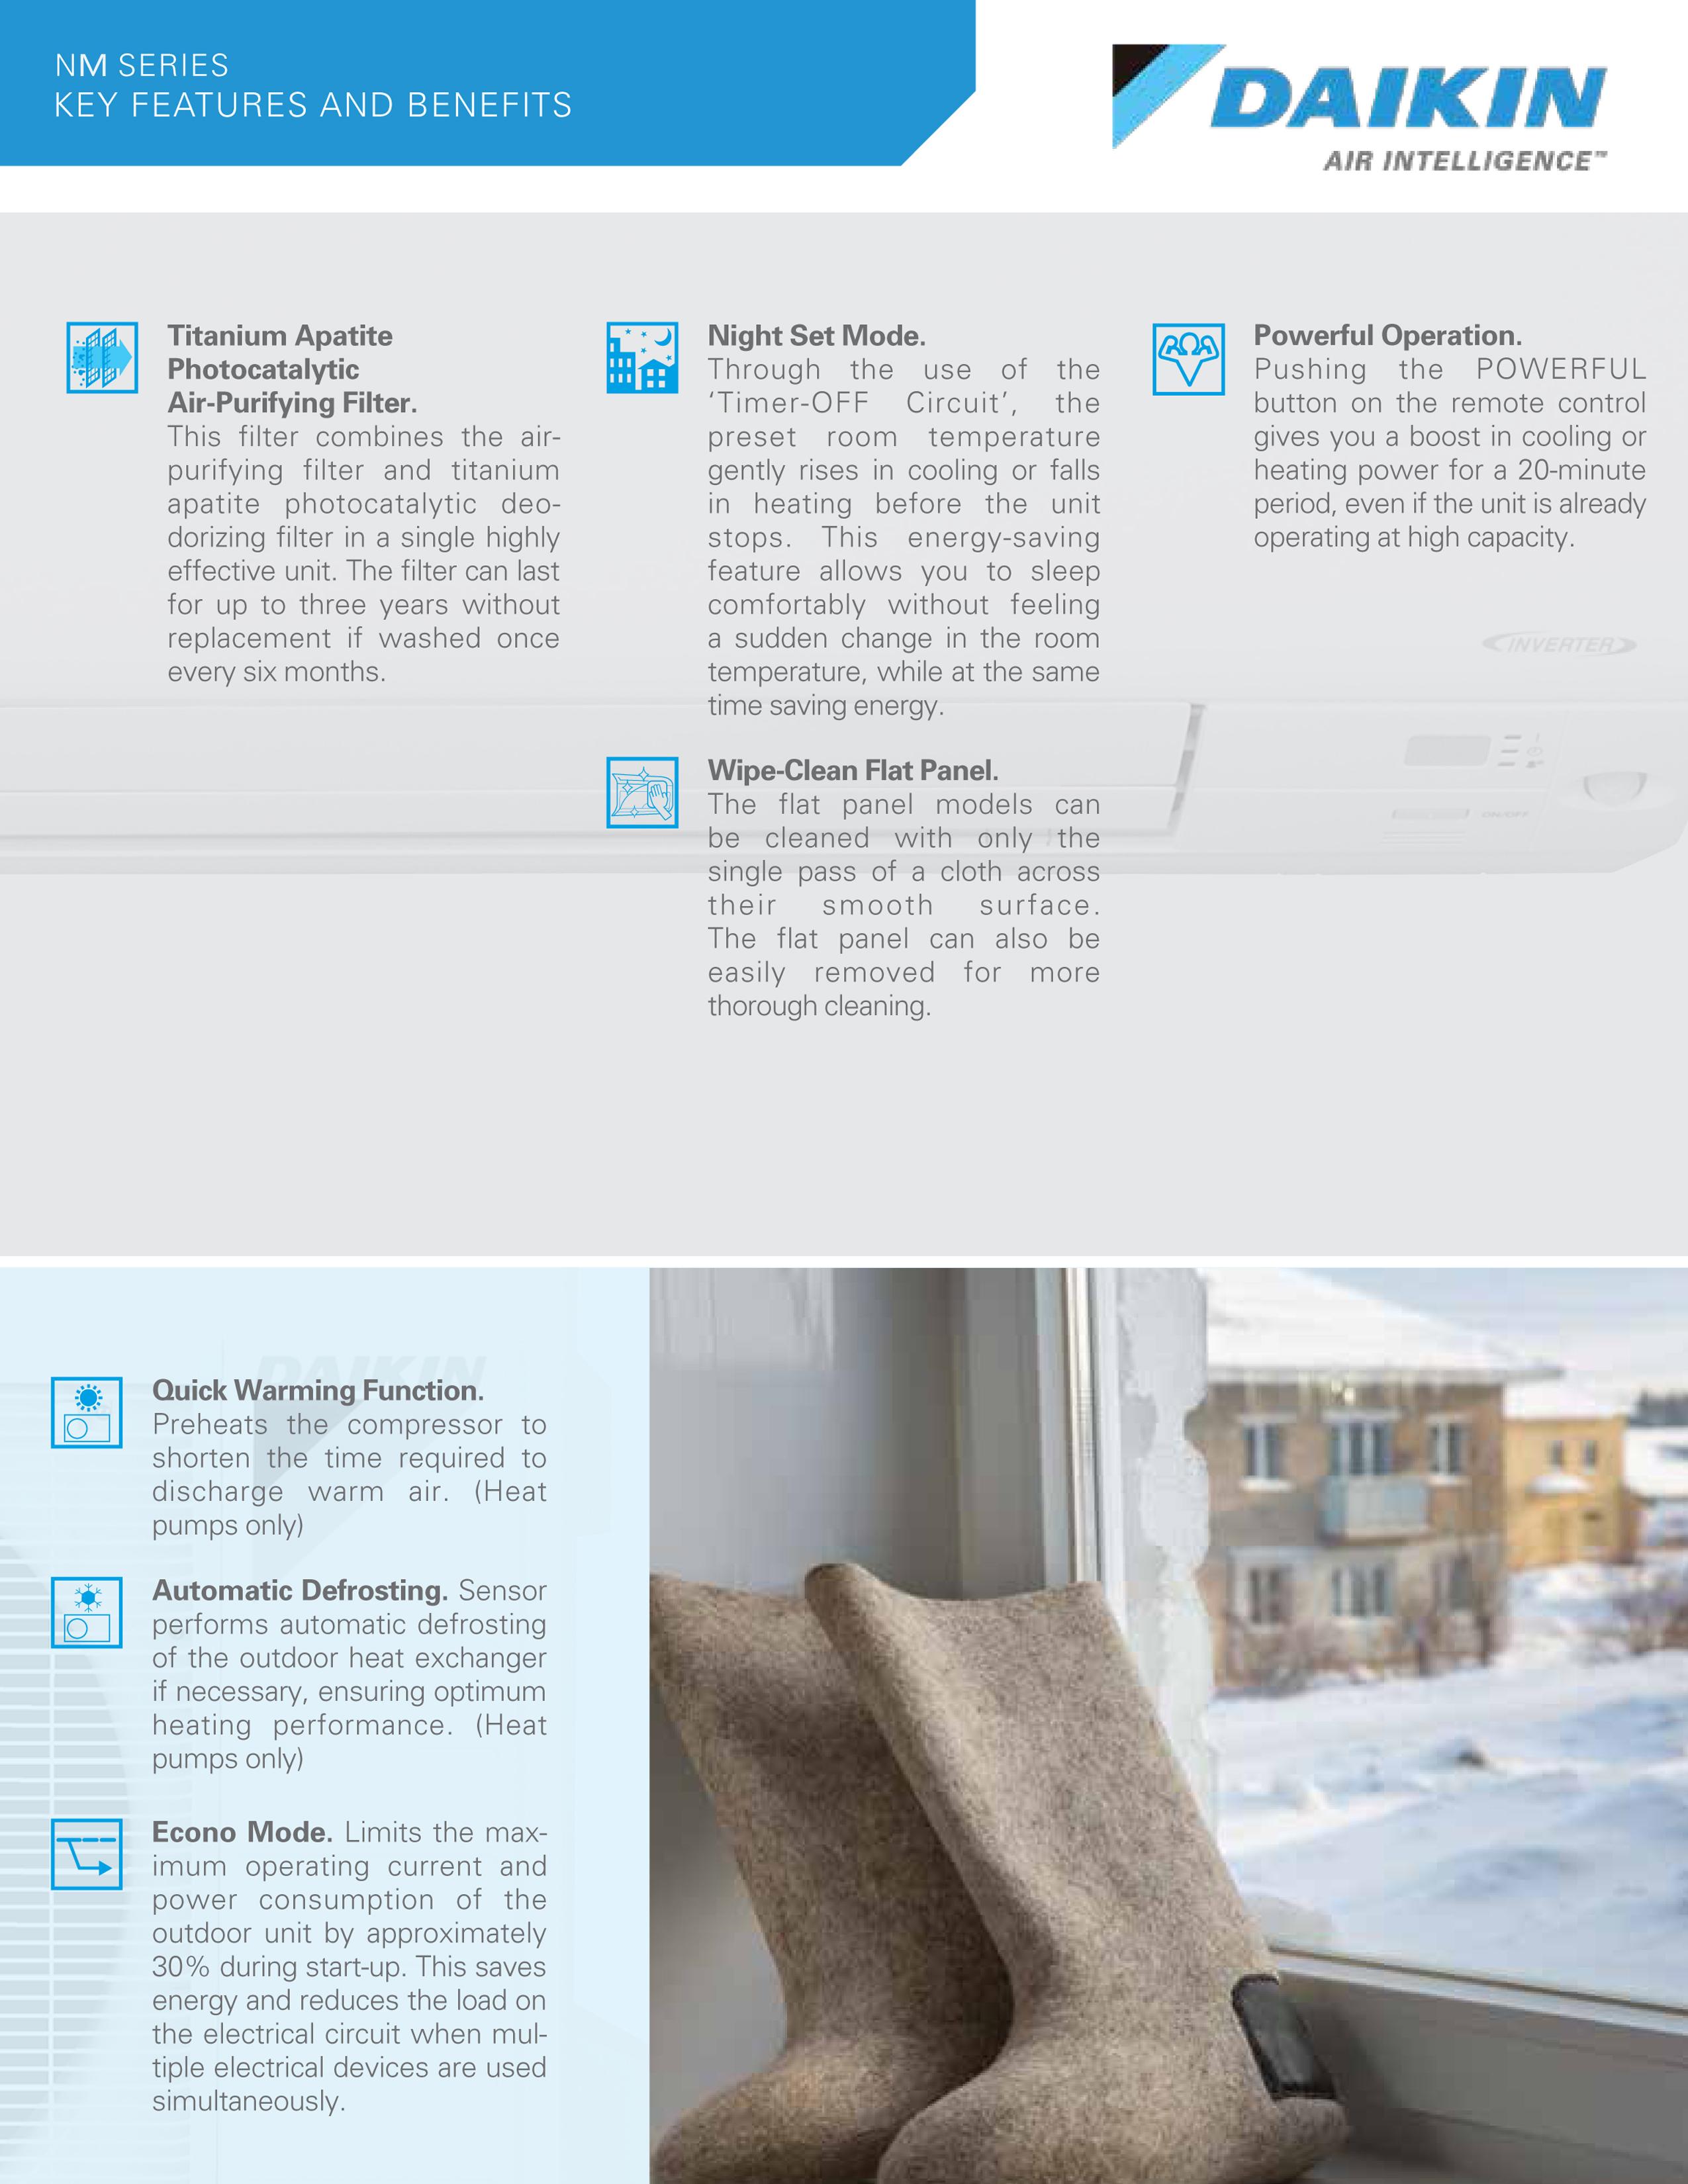 aqua comfort excel pool the comforter shutterstock pump service heat authorized